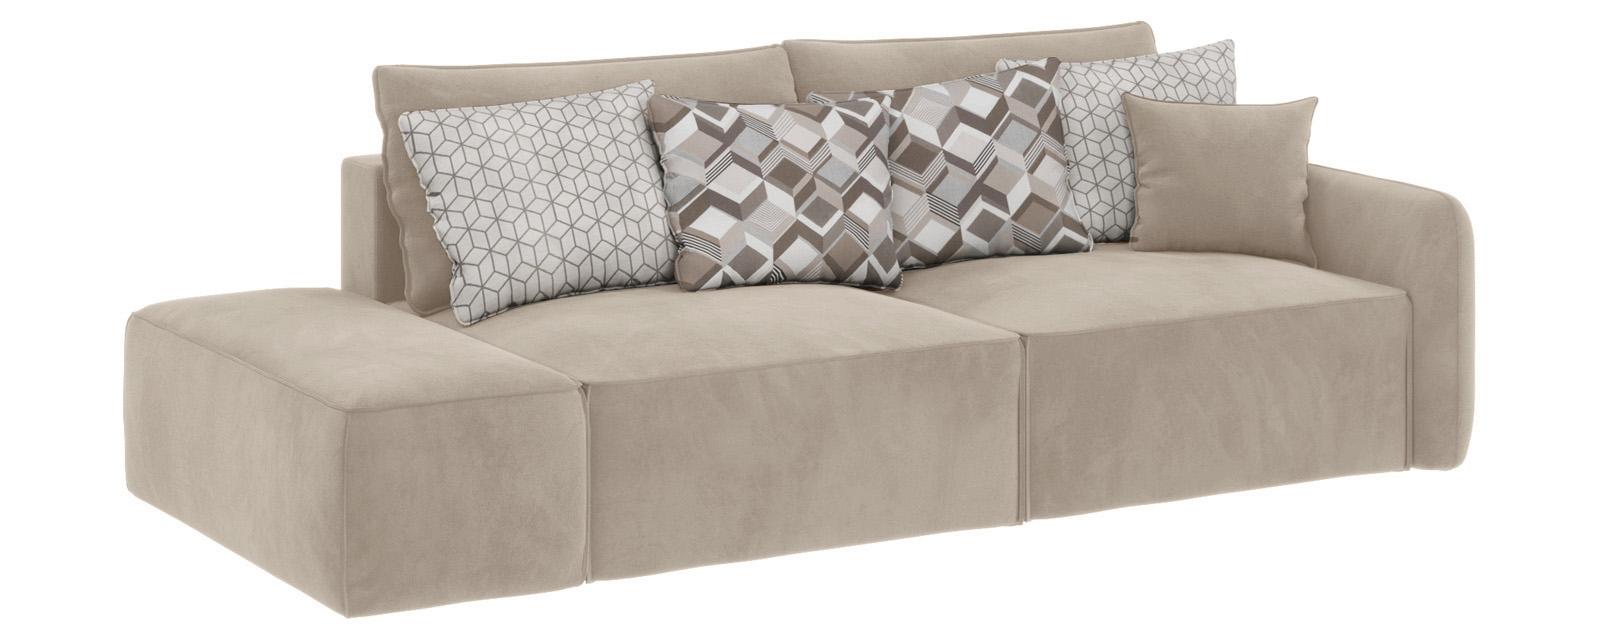 Модульный диван Портленд вариант №2 Soft светло-бежевый (Вел-флок, правый)